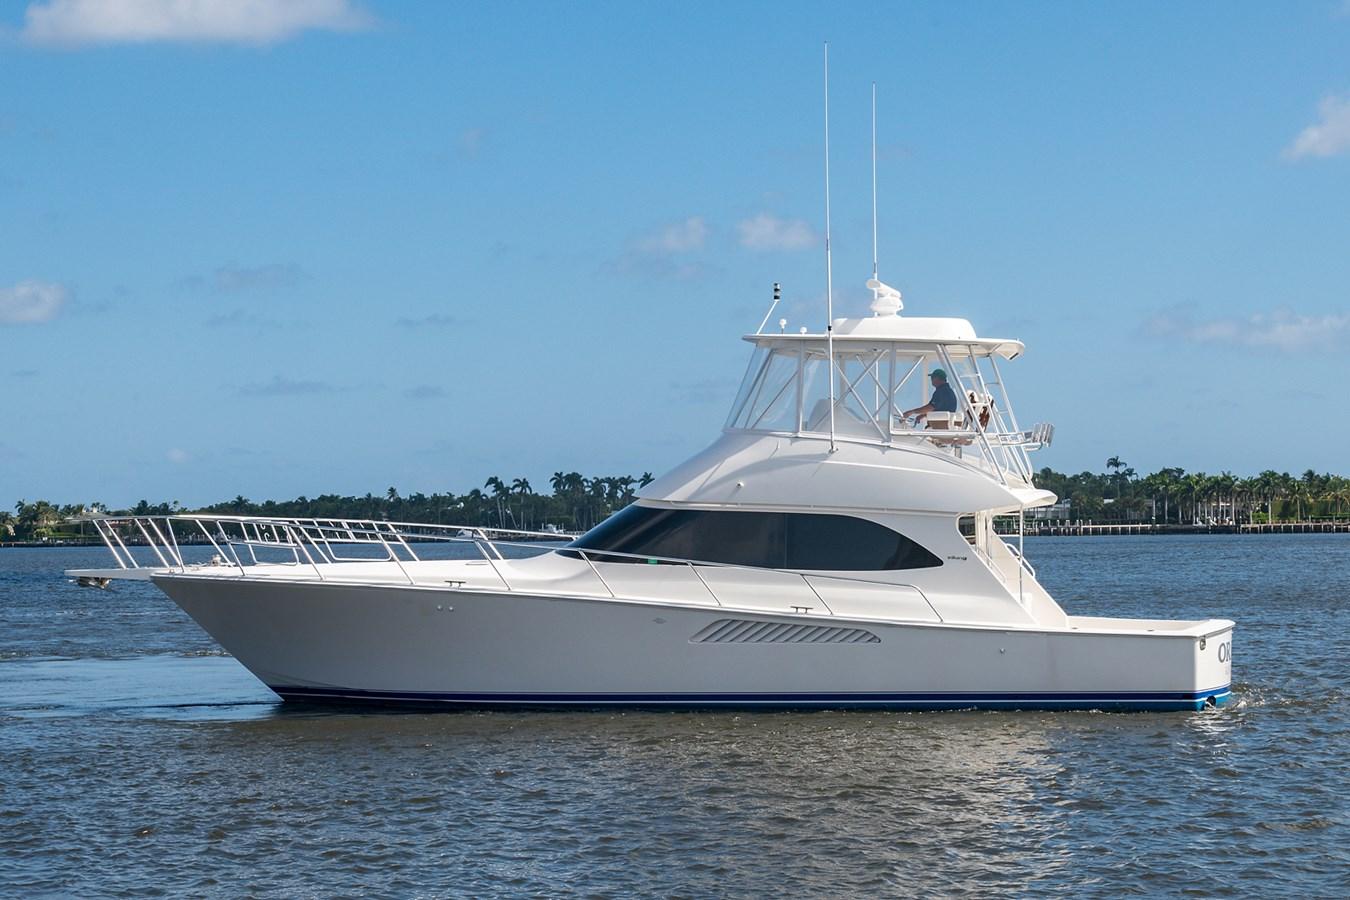 Orion_Port Profile2 2009 VIKING 50 Convertible Sport Fisherman 2941833